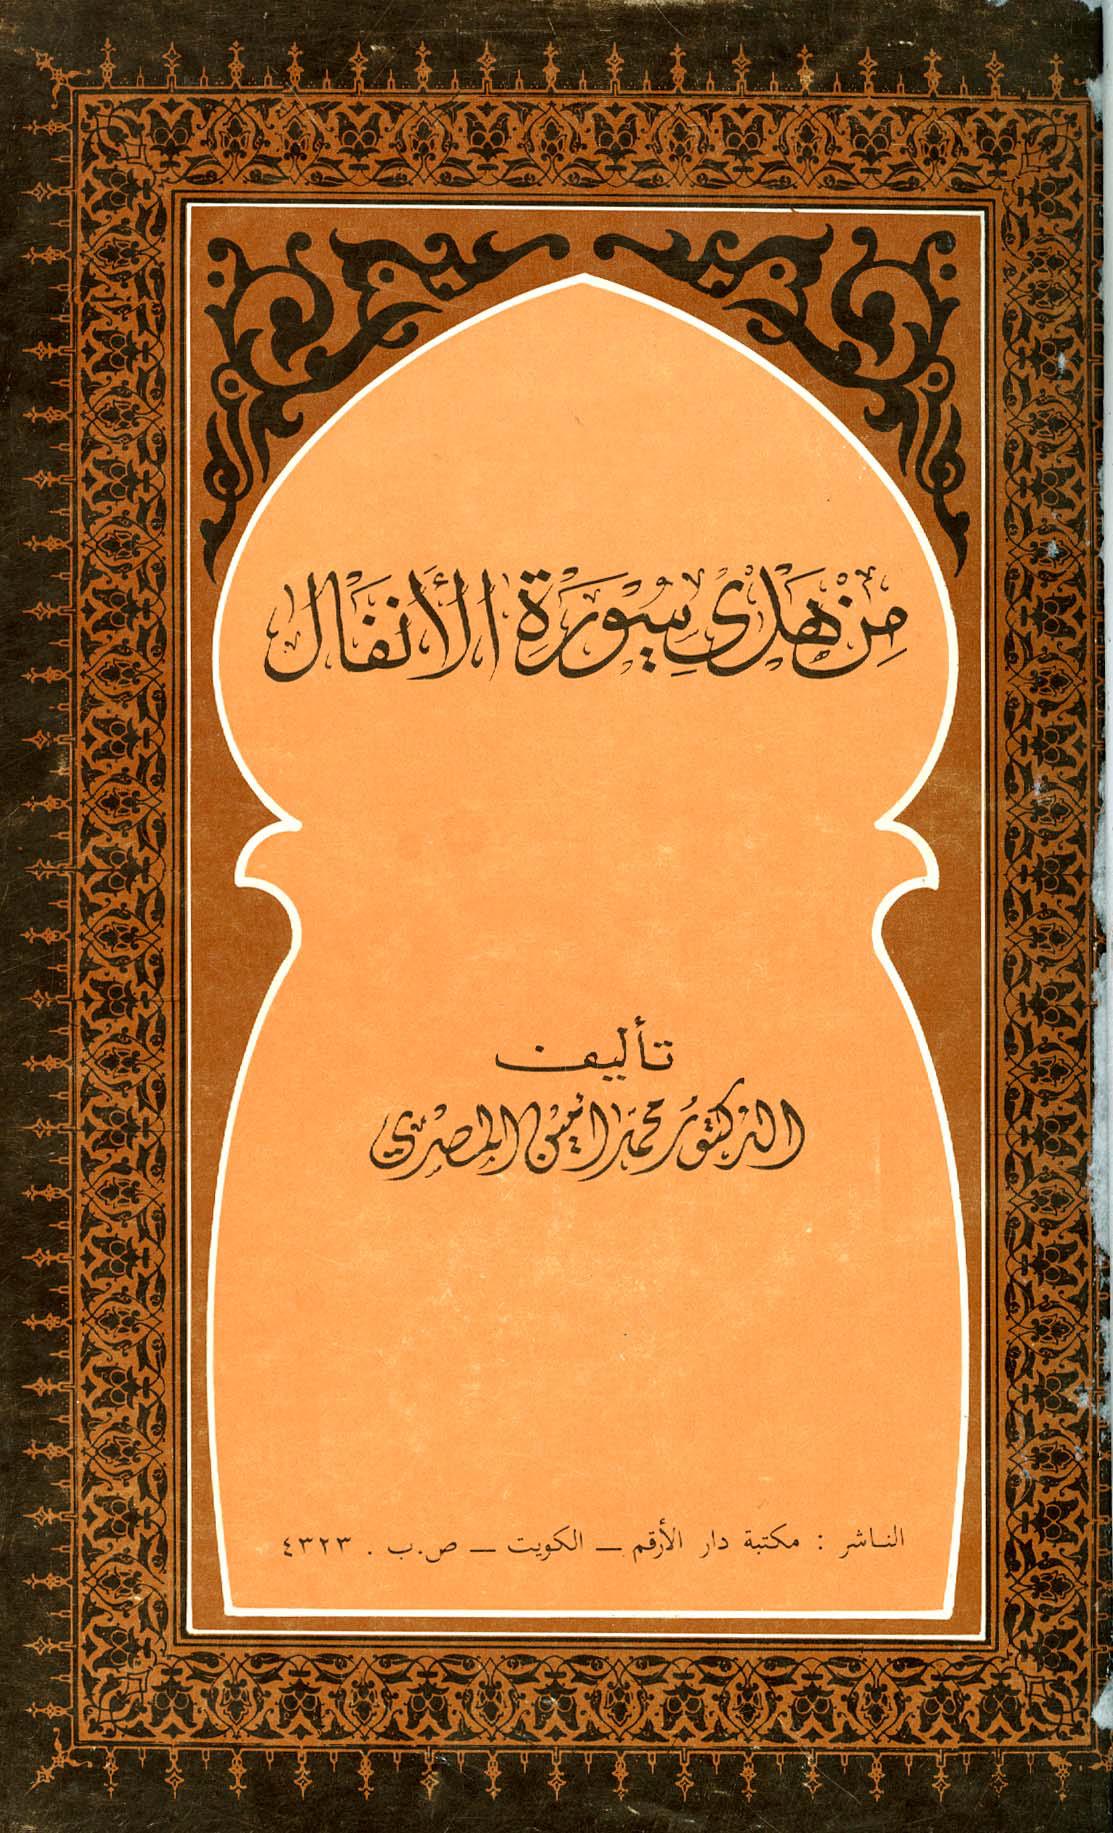 تحميل كتاب من هدي سورة الأنفال لـِ: الدكتور محمد أمين المصري (ت 1397)